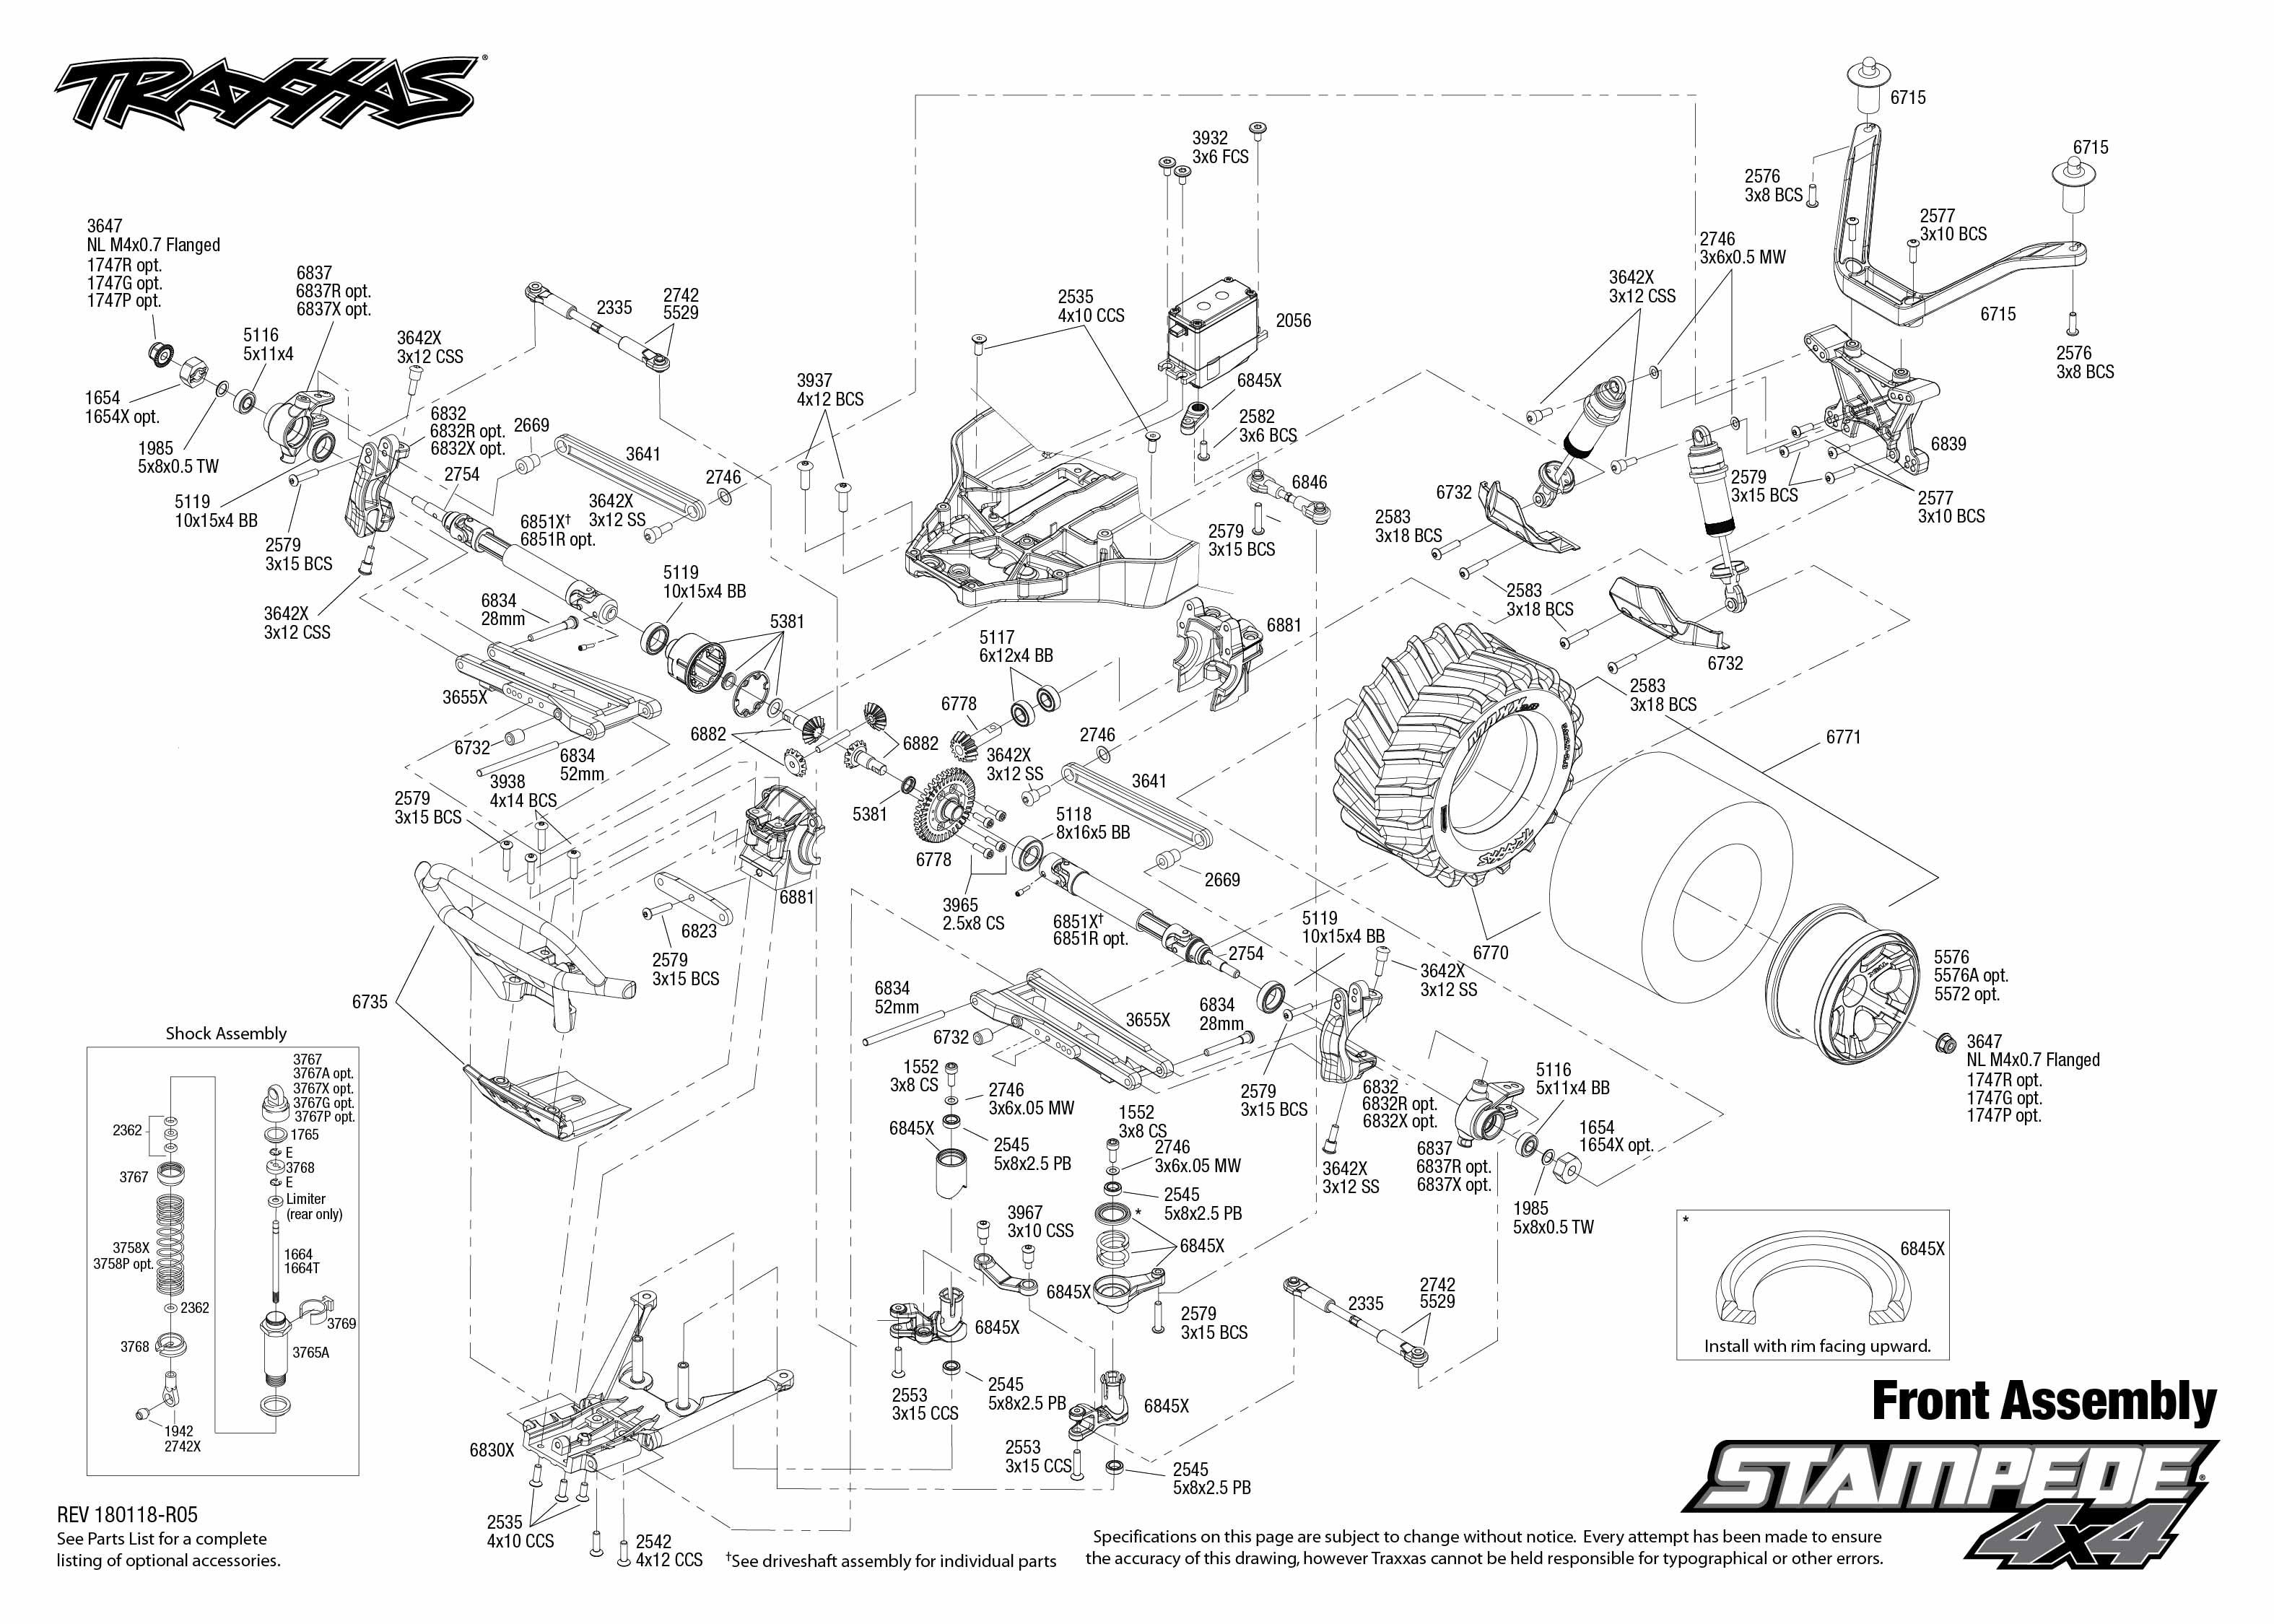 traxxas stampede vxl rear end diagram automotive wiring diagram u2022 rh vbpodcasts com